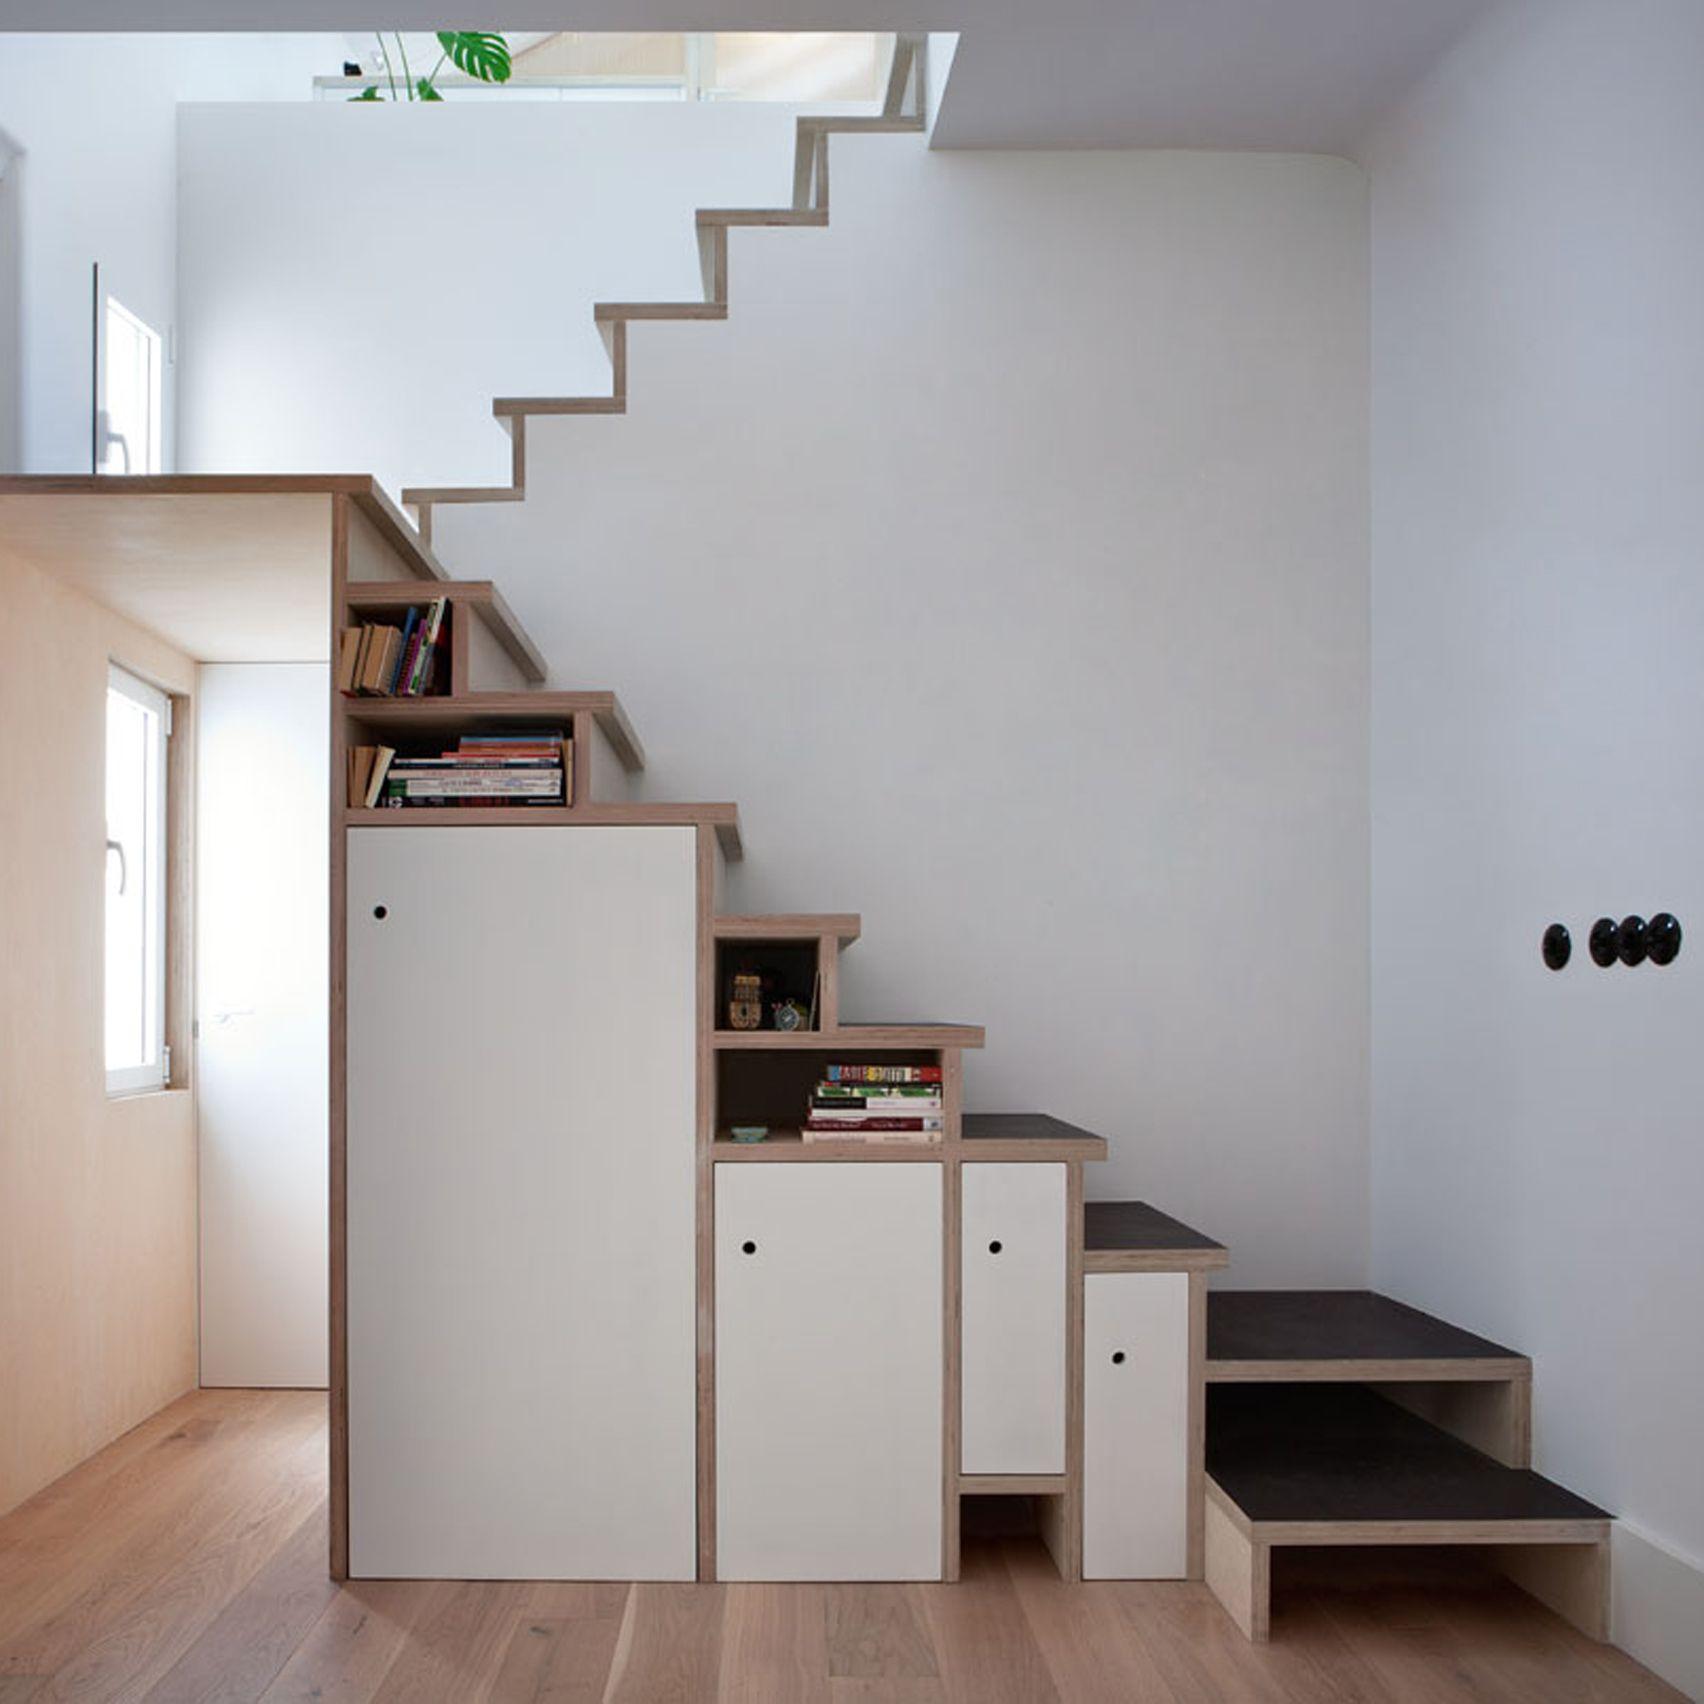 Έξυπνοι τρόποι για να εκμεταλλευτείτε τους χώρους της κατοικίας σας